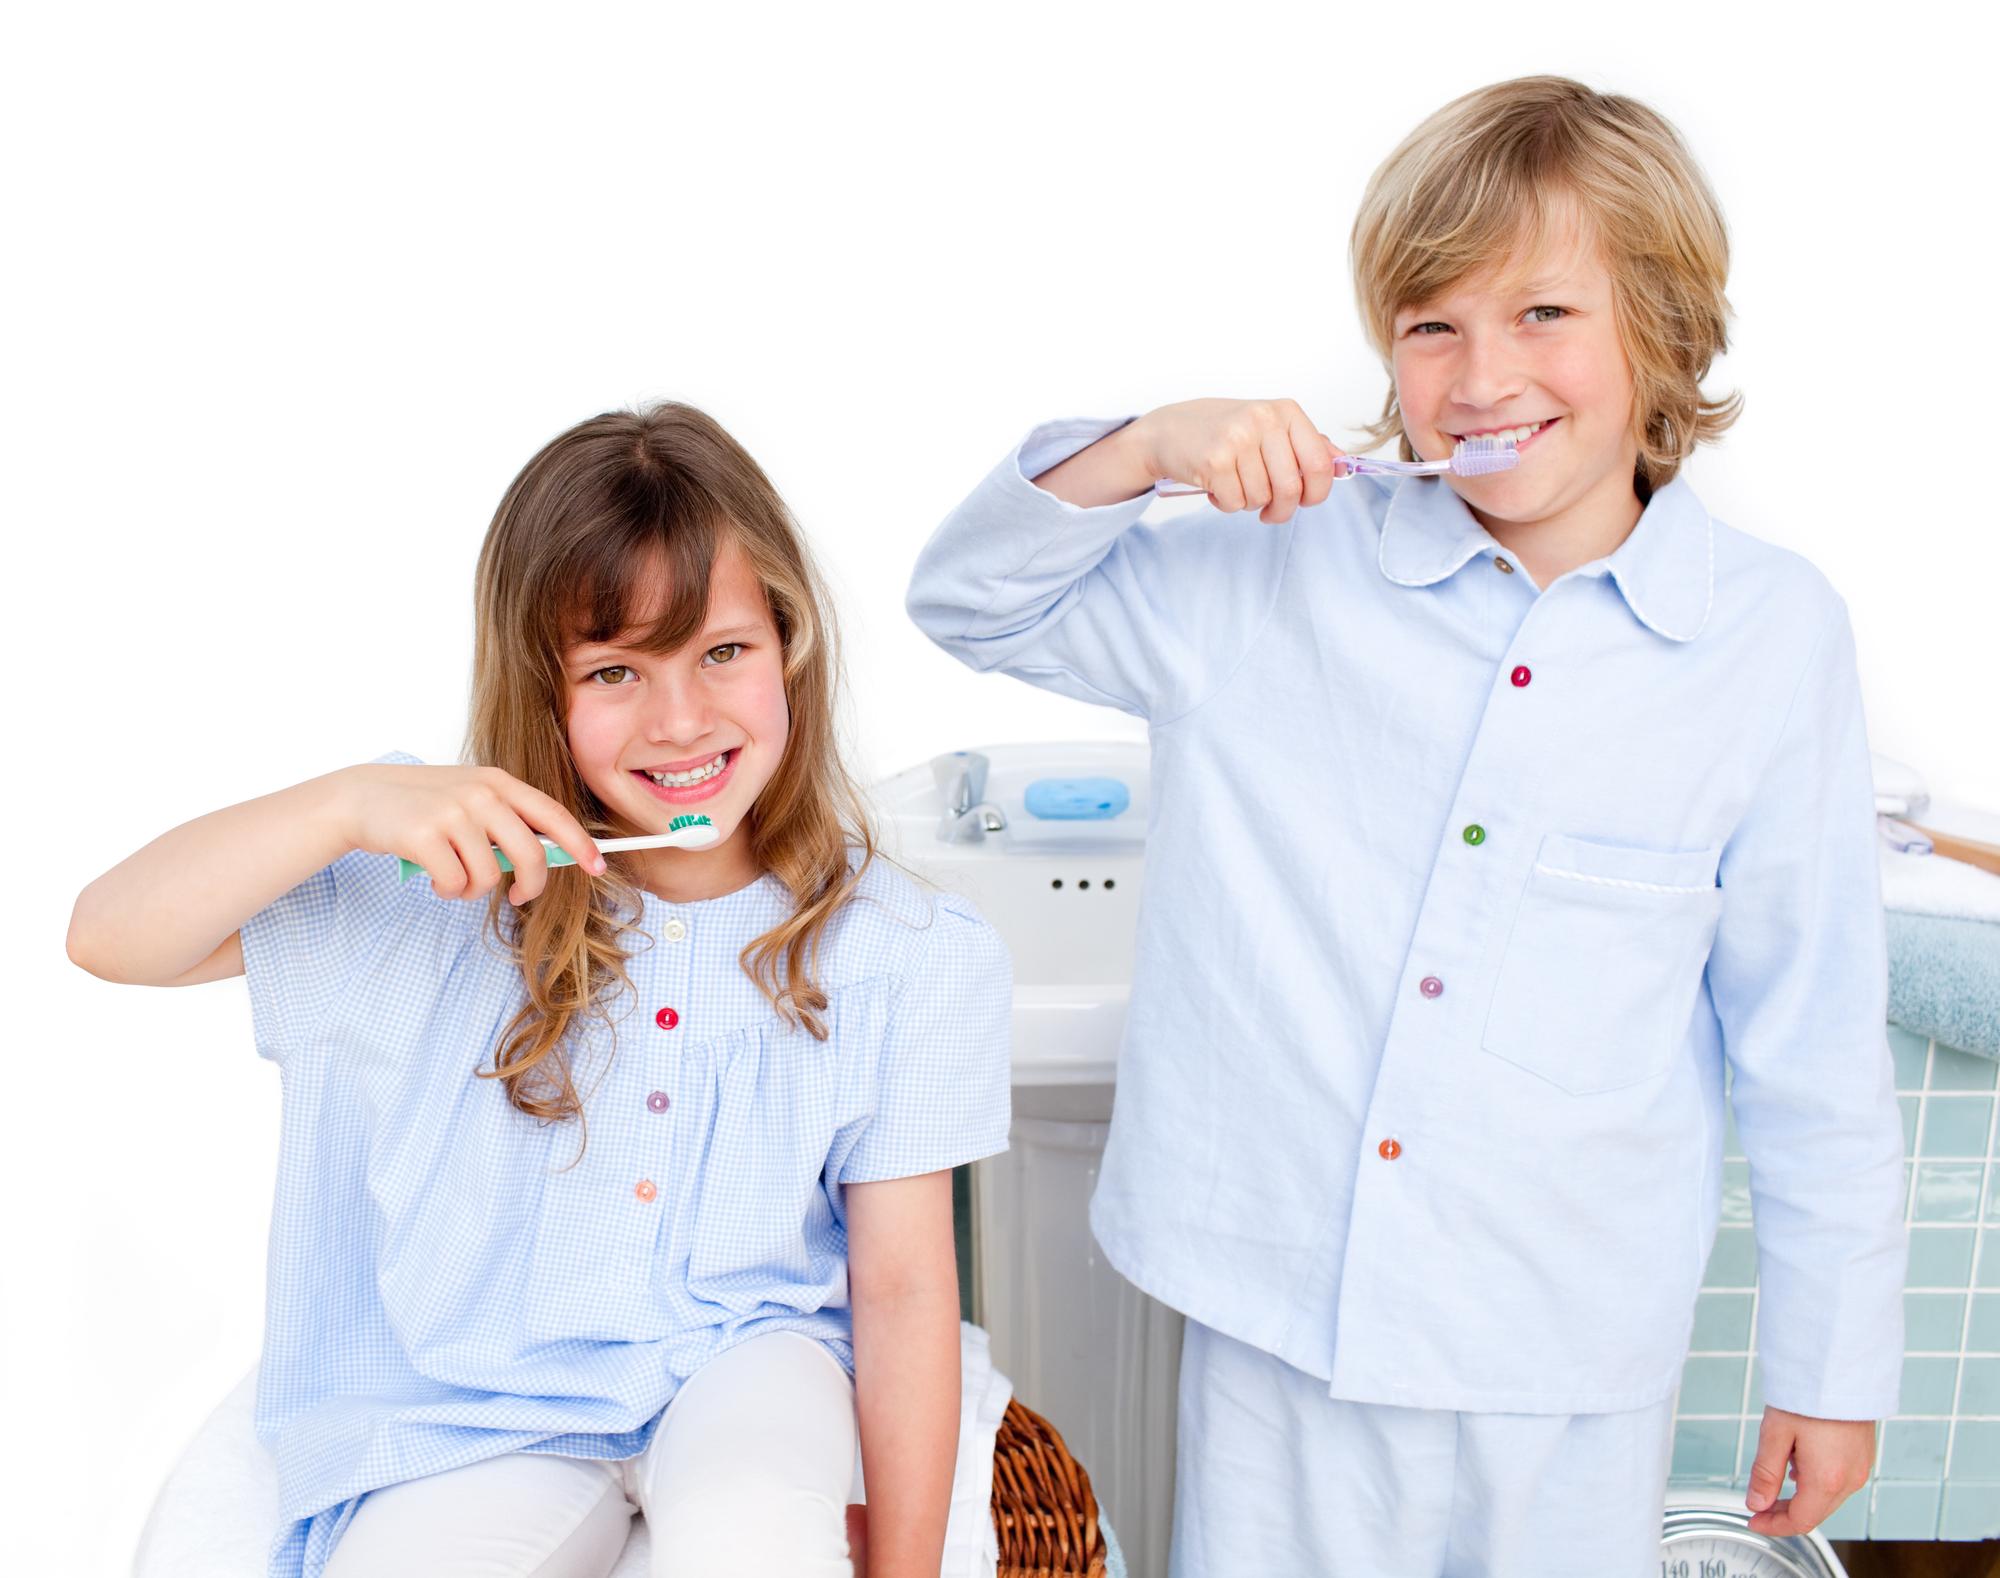 routine chart children brushing teeth